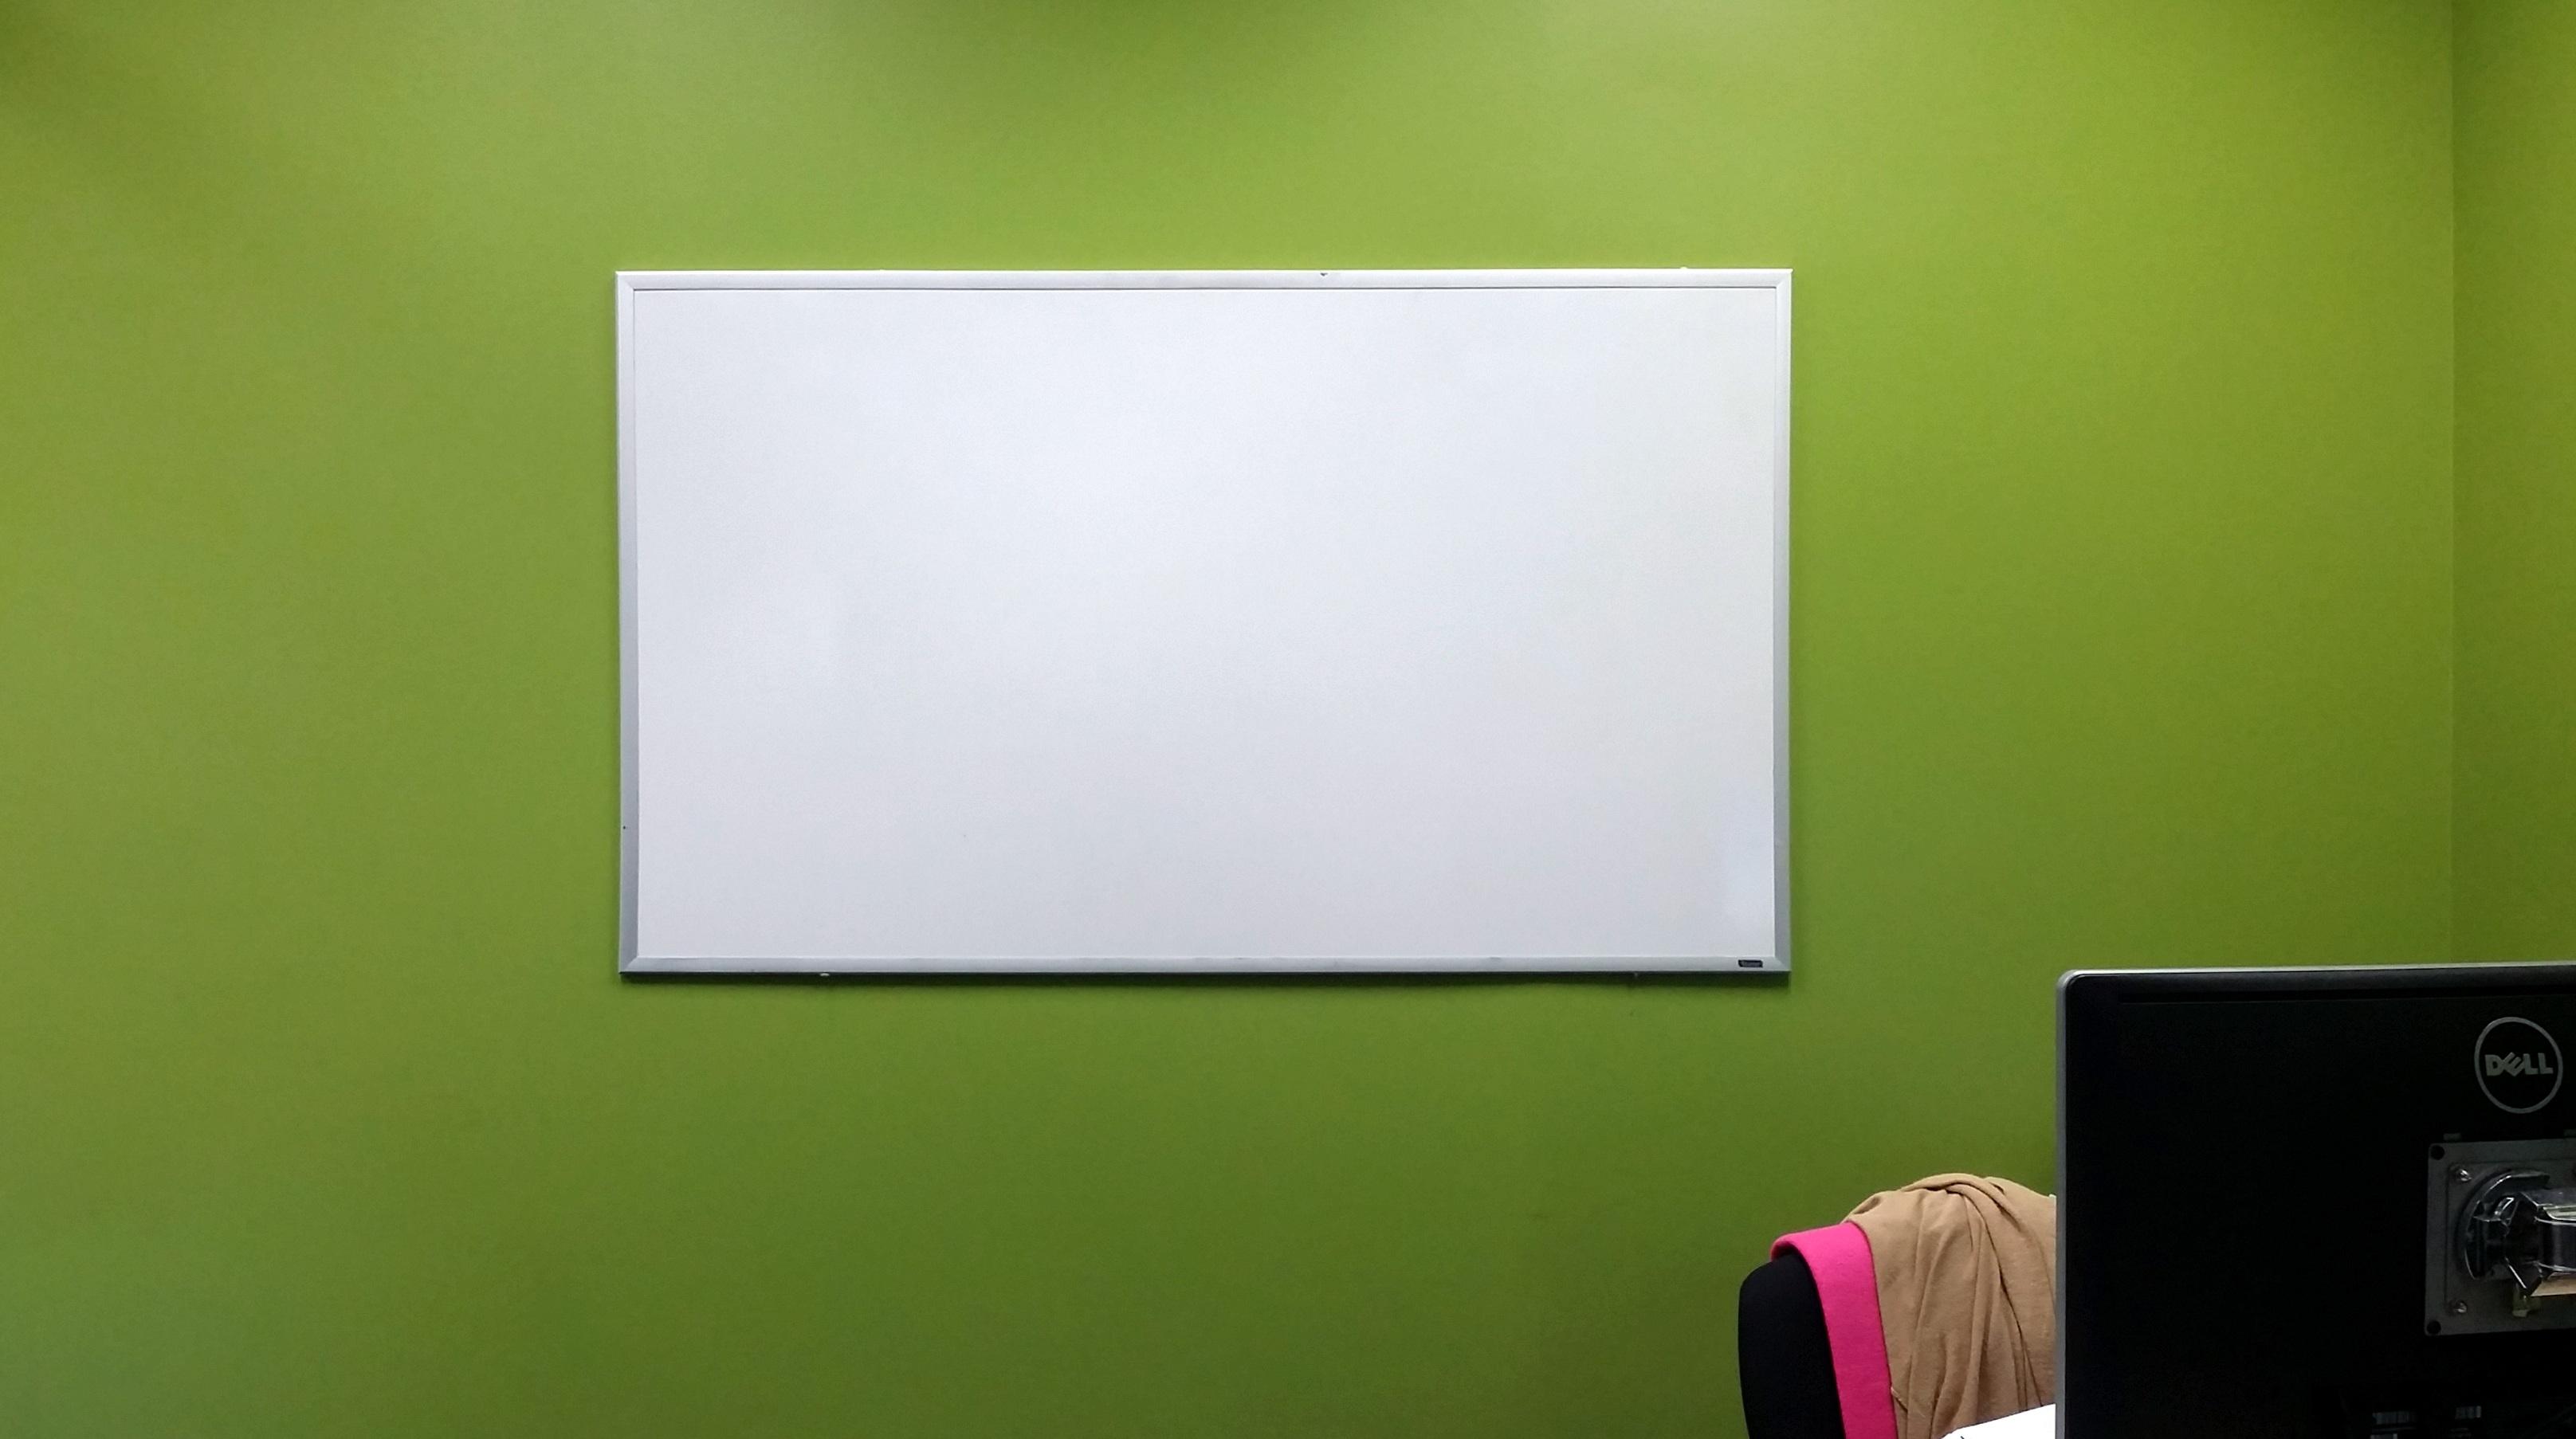 Fotos gratis : tablero, blanco, pared, verde, iluminación, marca ...